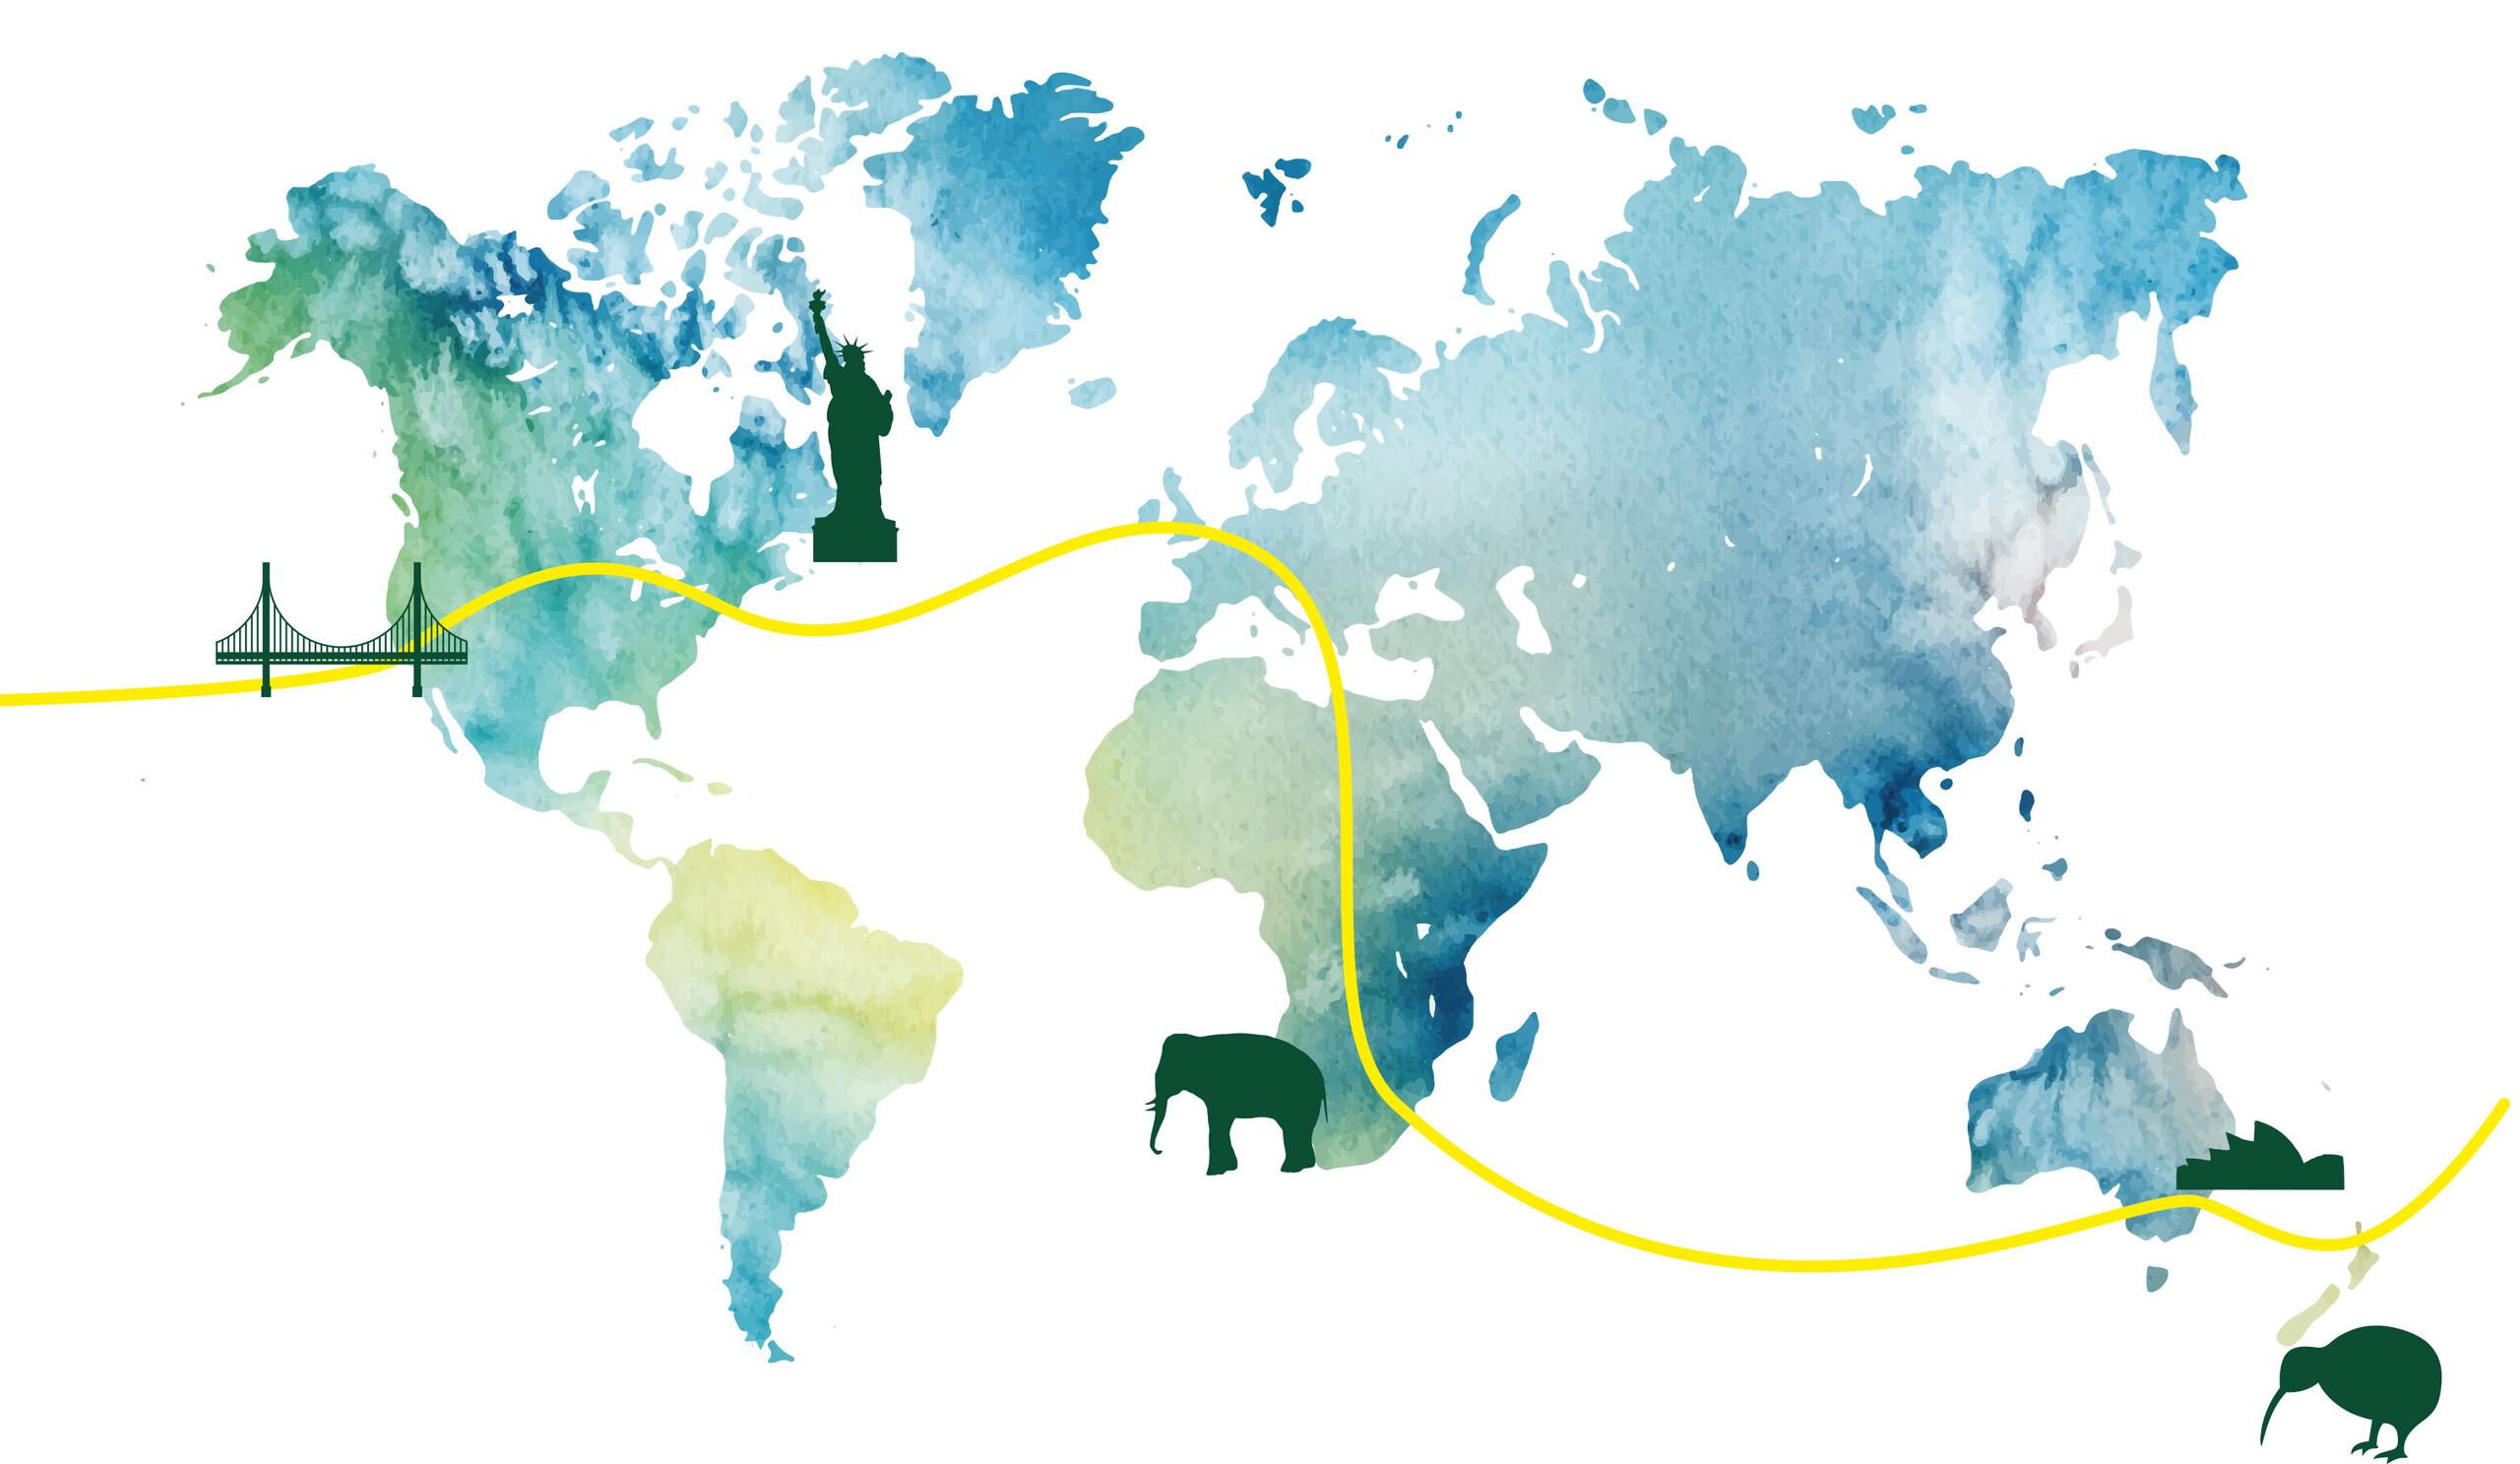 Weltreisen Karte Big 5 vs. Koalas & Hobbits